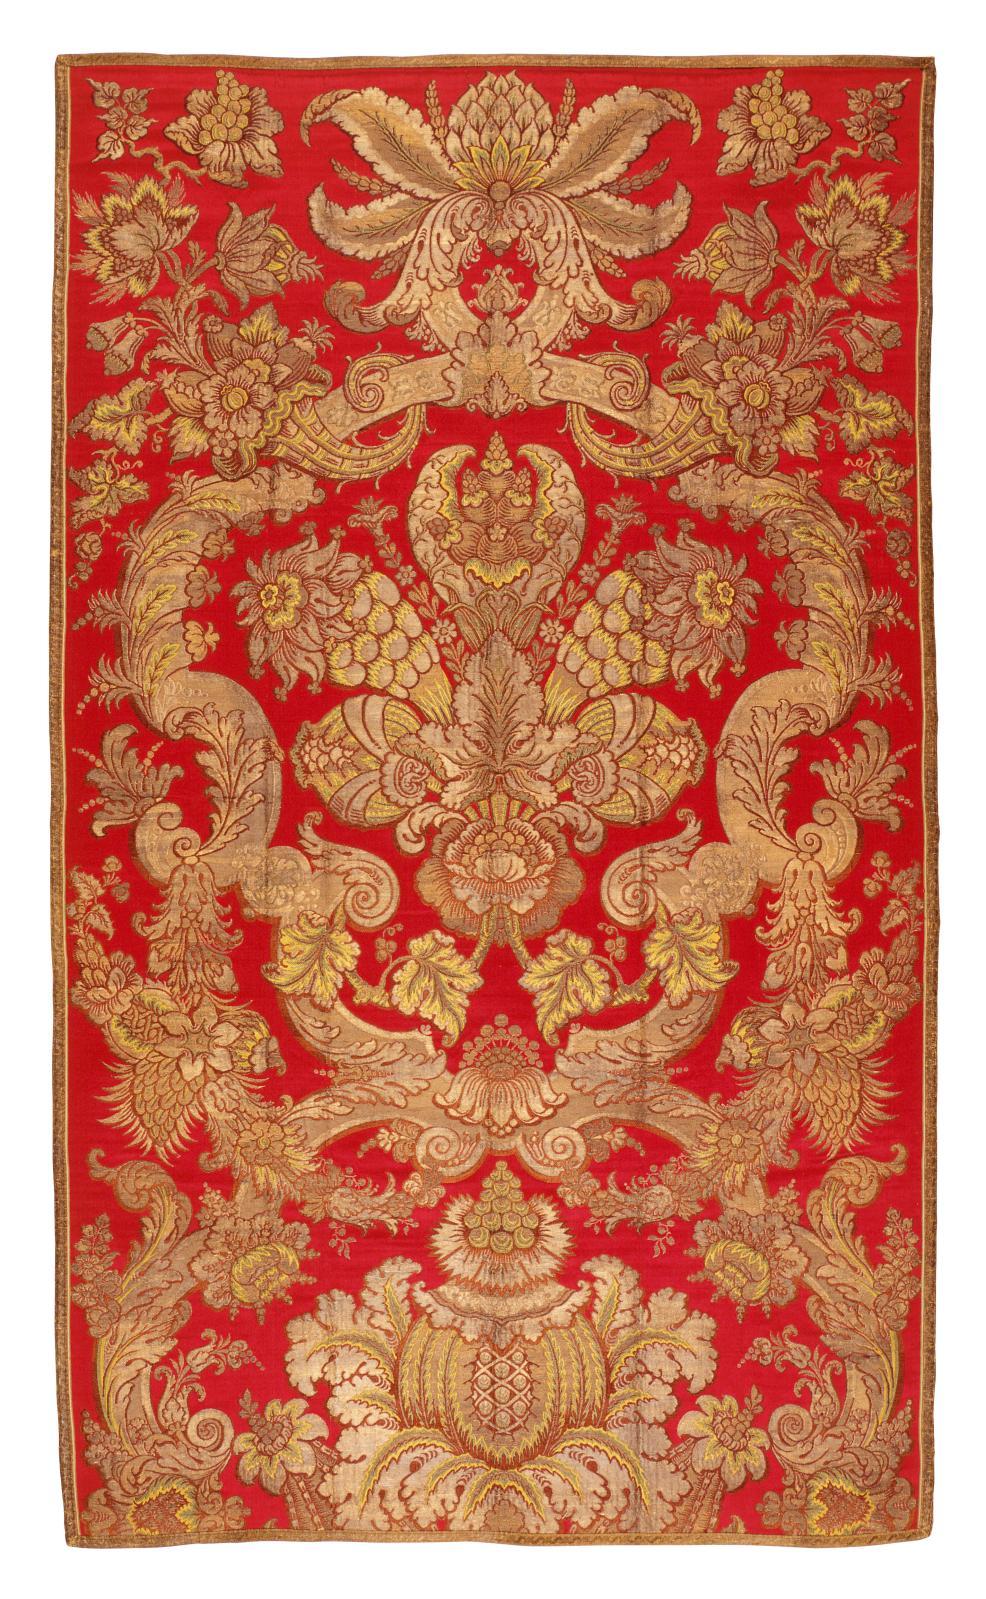 Roussel (dessinateur) et Jean-Jacques Barnier (?), meuble en brocart à fond cramoisi et or, commandé en 1730 et livré en 1733 pour le service du roi,